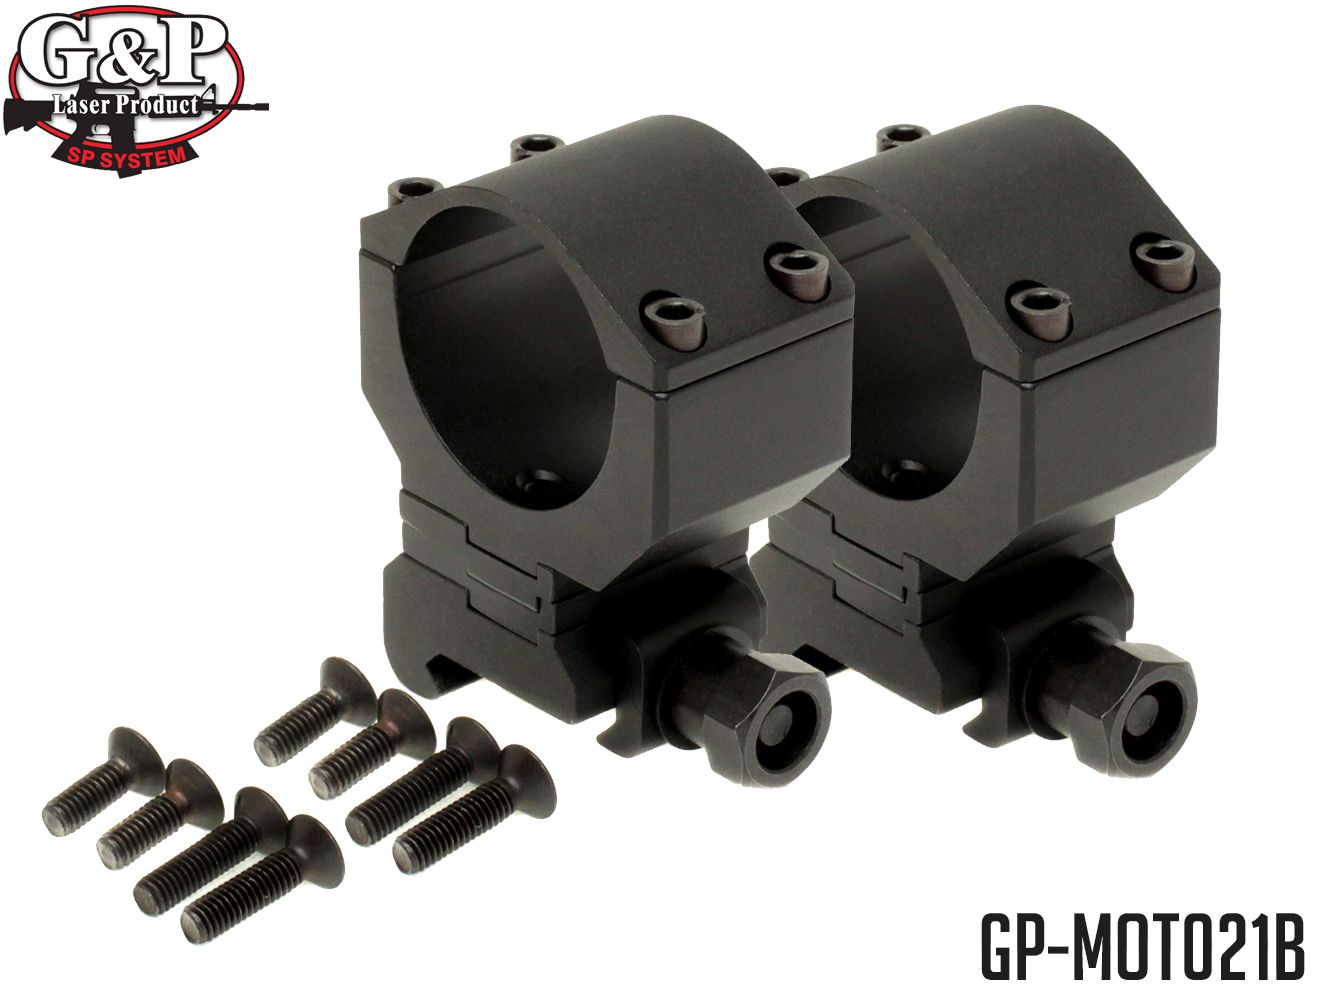 G&P KACタイプ アジャスタブル リングマウント 30mm 2個セット◆20mmレール対応 直径30mm スコープ マウント 高さ調整可 ナイツアーマメントタイプ LEUPOLD M4